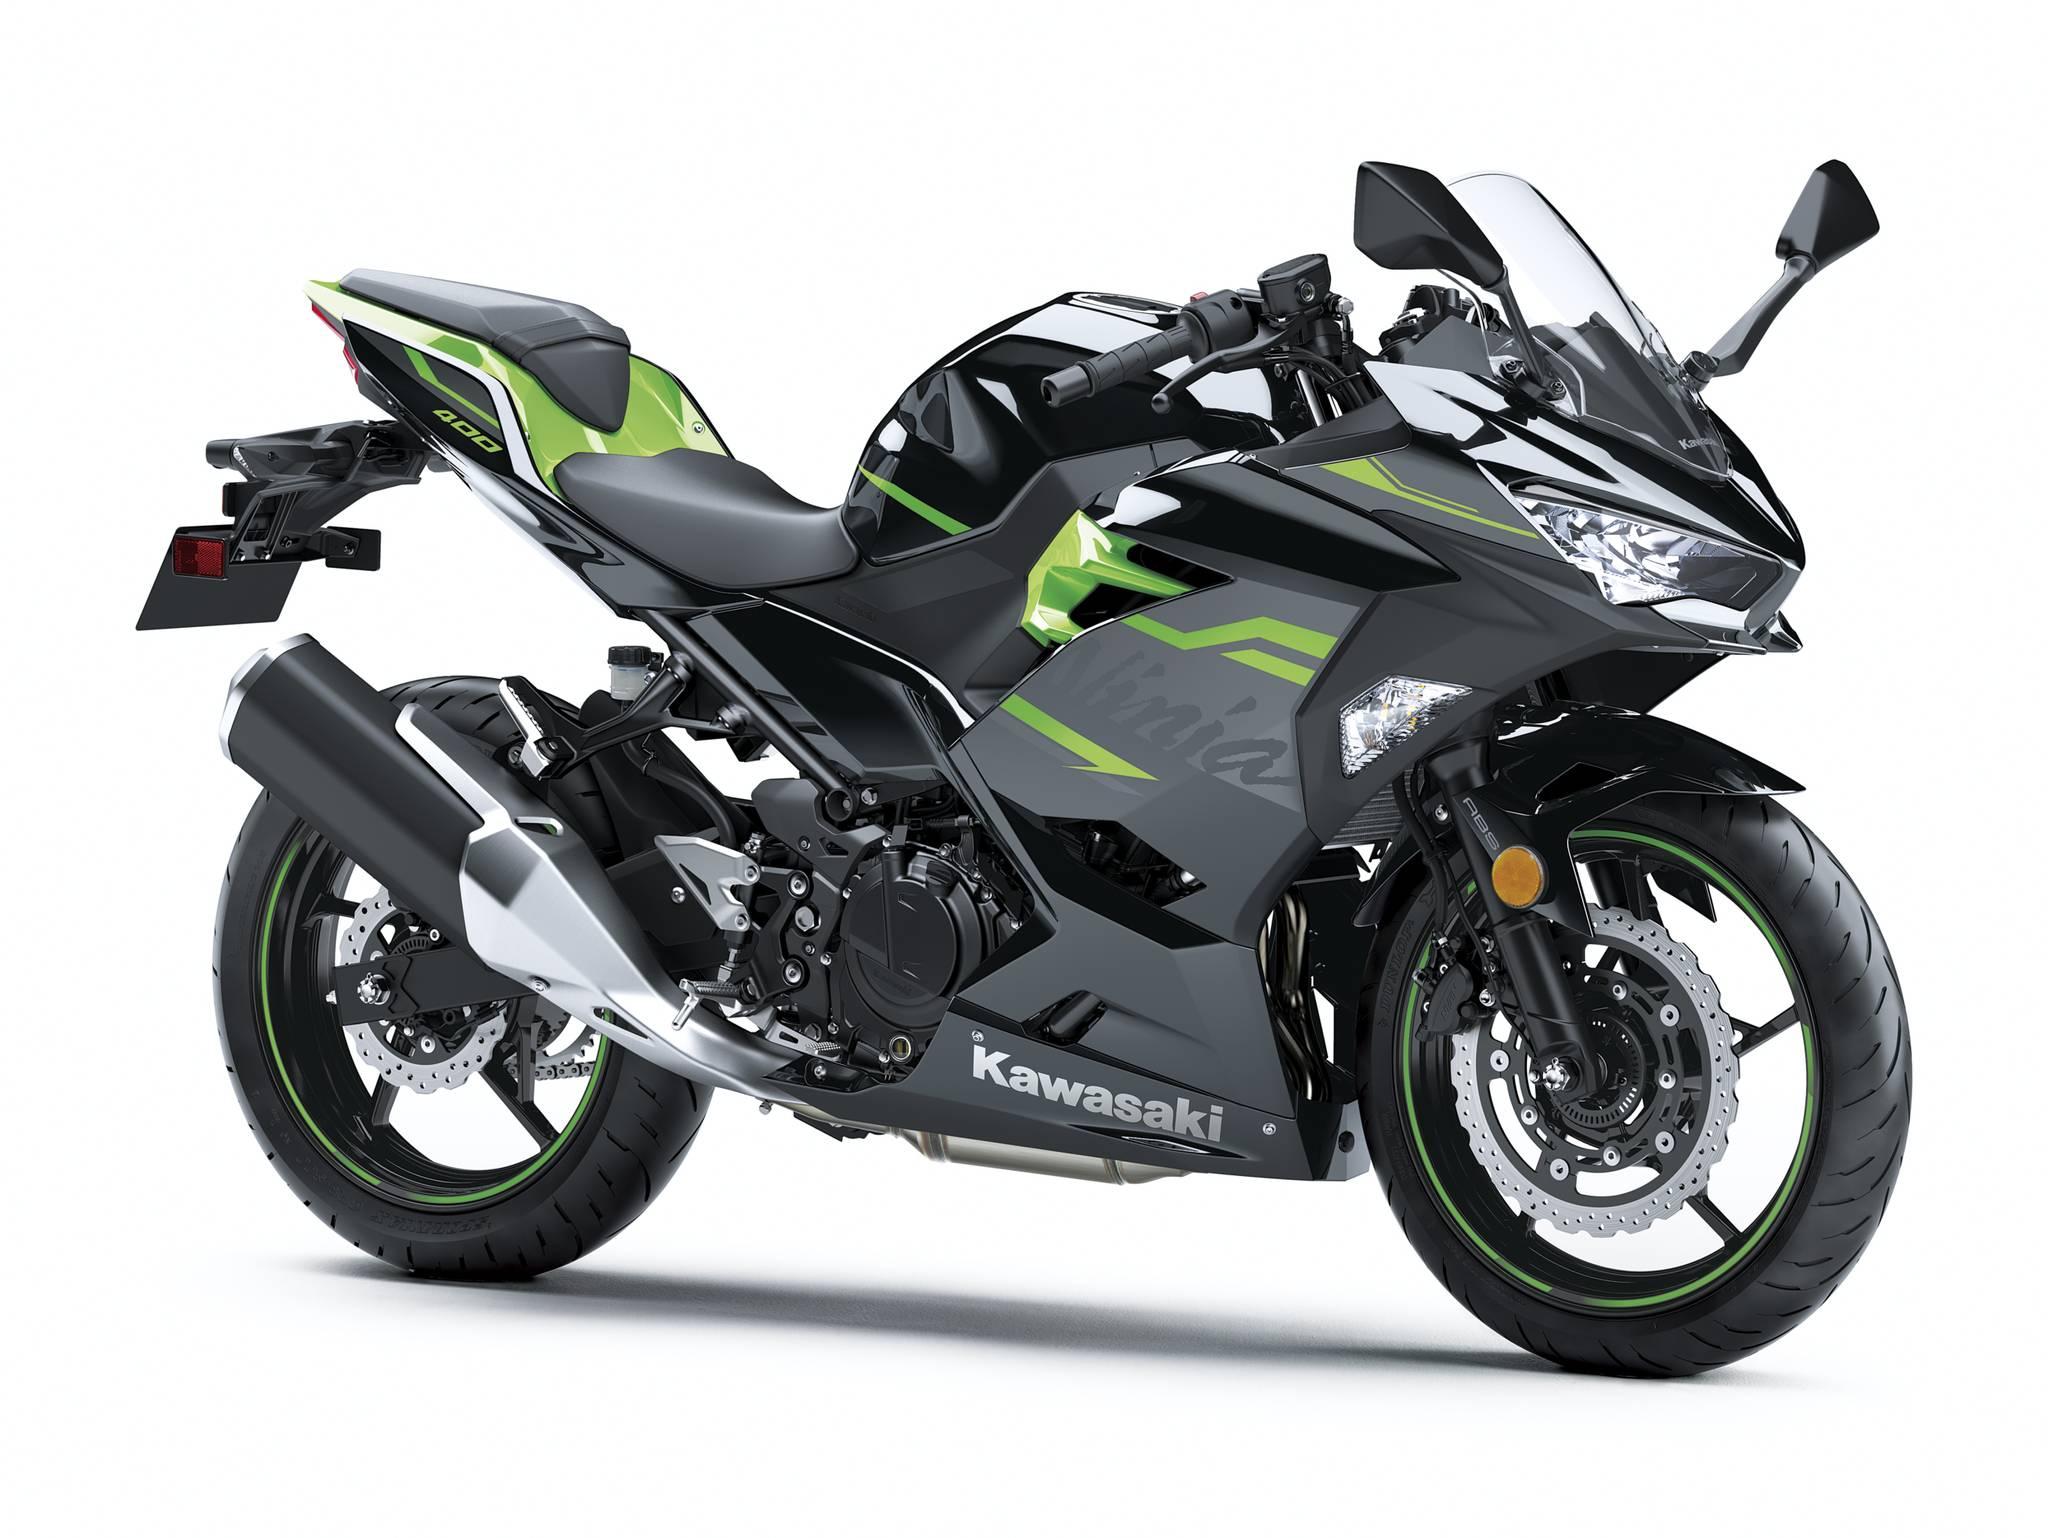 KAWASAKI NINJA400 2020 黑色 - 「Webike摩托車市」